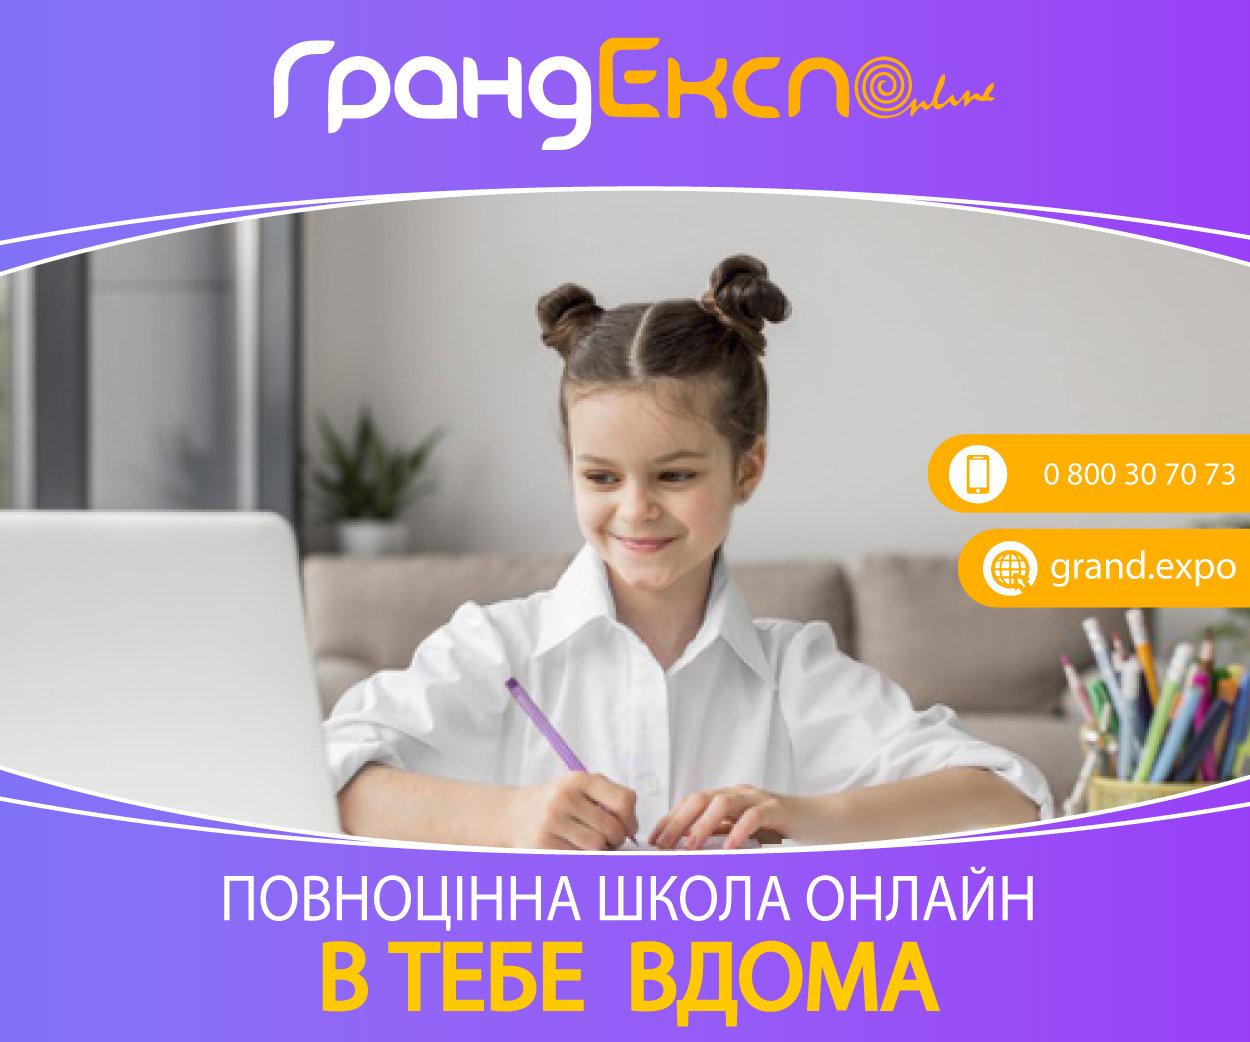 Развитие и образование ребенка в Киеве, фото-57